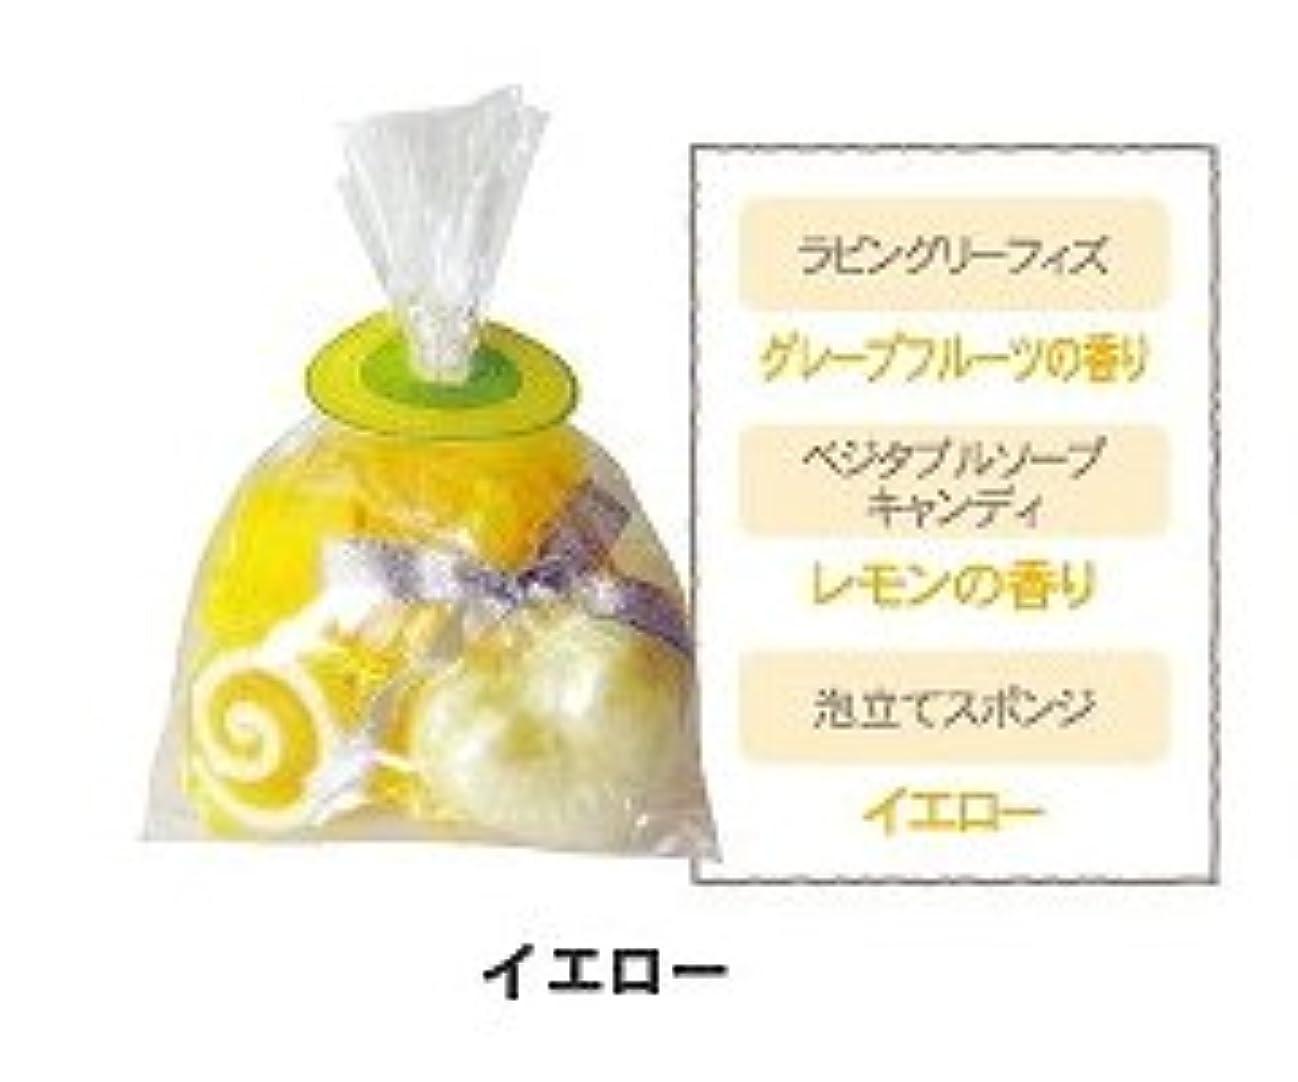 木曜日プログラム遺伝的カラフルキャンディ バスバッグ イエロー 12個セット